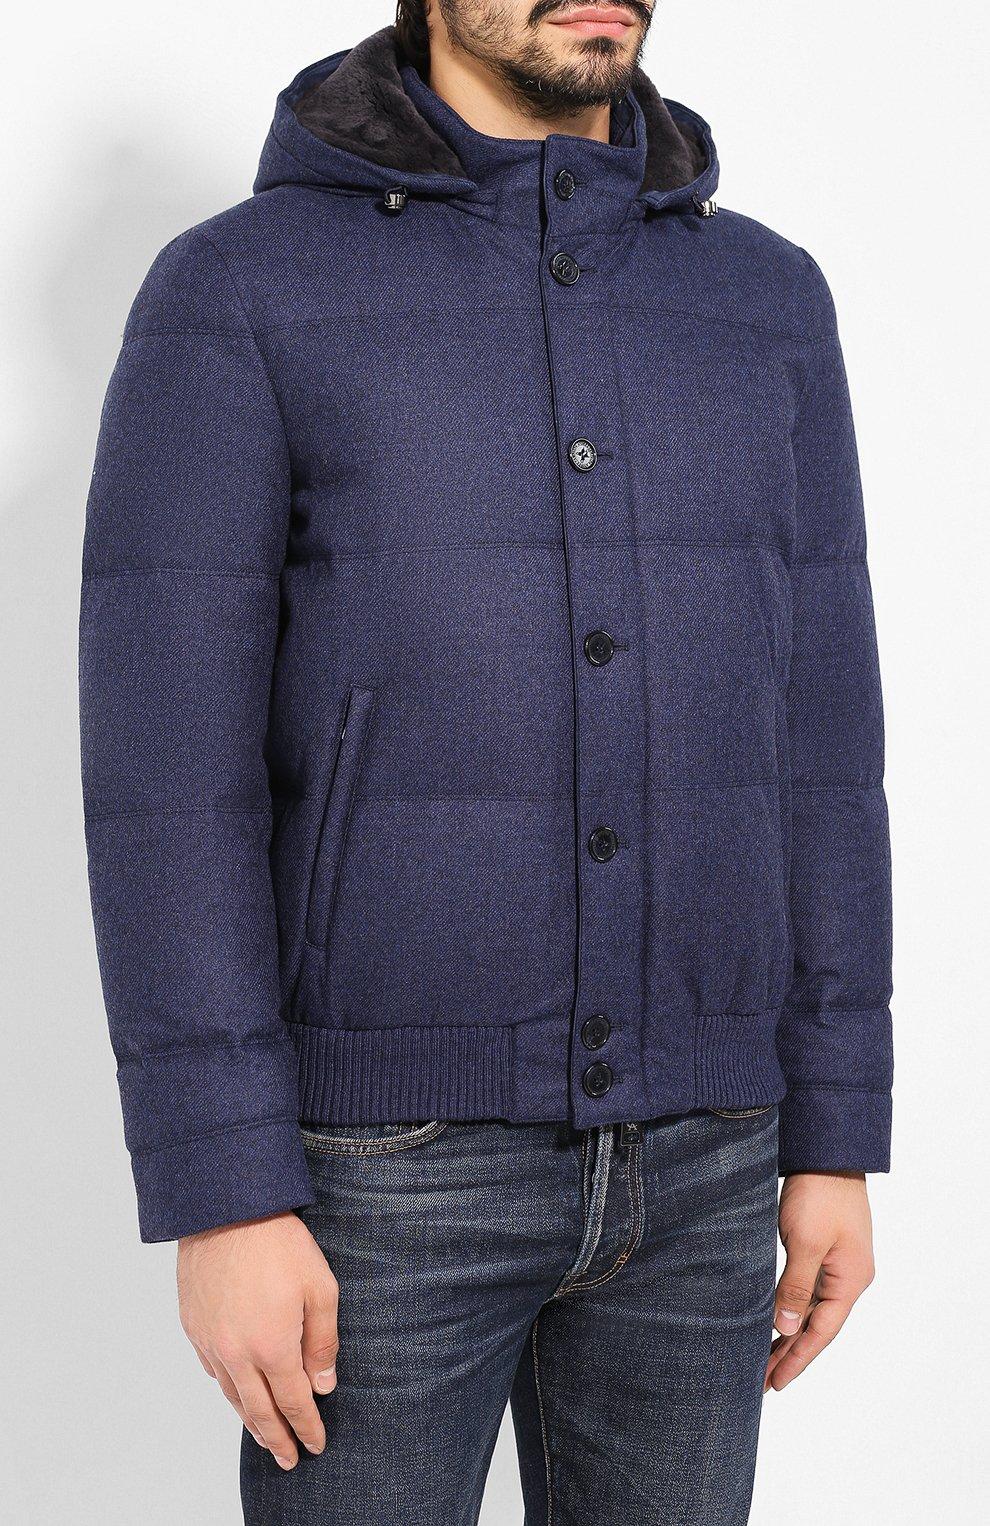 Мужской пуховый бомбер ANDREA CAMPAGNA синего цвета, арт. A8T711/3813 | Фото 3 (Кросс-КТ: Куртка; Мужское Кросс-КТ: пуховик-короткий, Пуховик-верхняя одежда, Верхняя одежда; Материал внешний: Шерсть; Рукава: Длинные; Принт: Без принта; Материал подклада: Синтетический материал; Длина (верхняя одежда): Короткие; Материал утеплителя: Пух и перо; Стили: Кэжуэл)